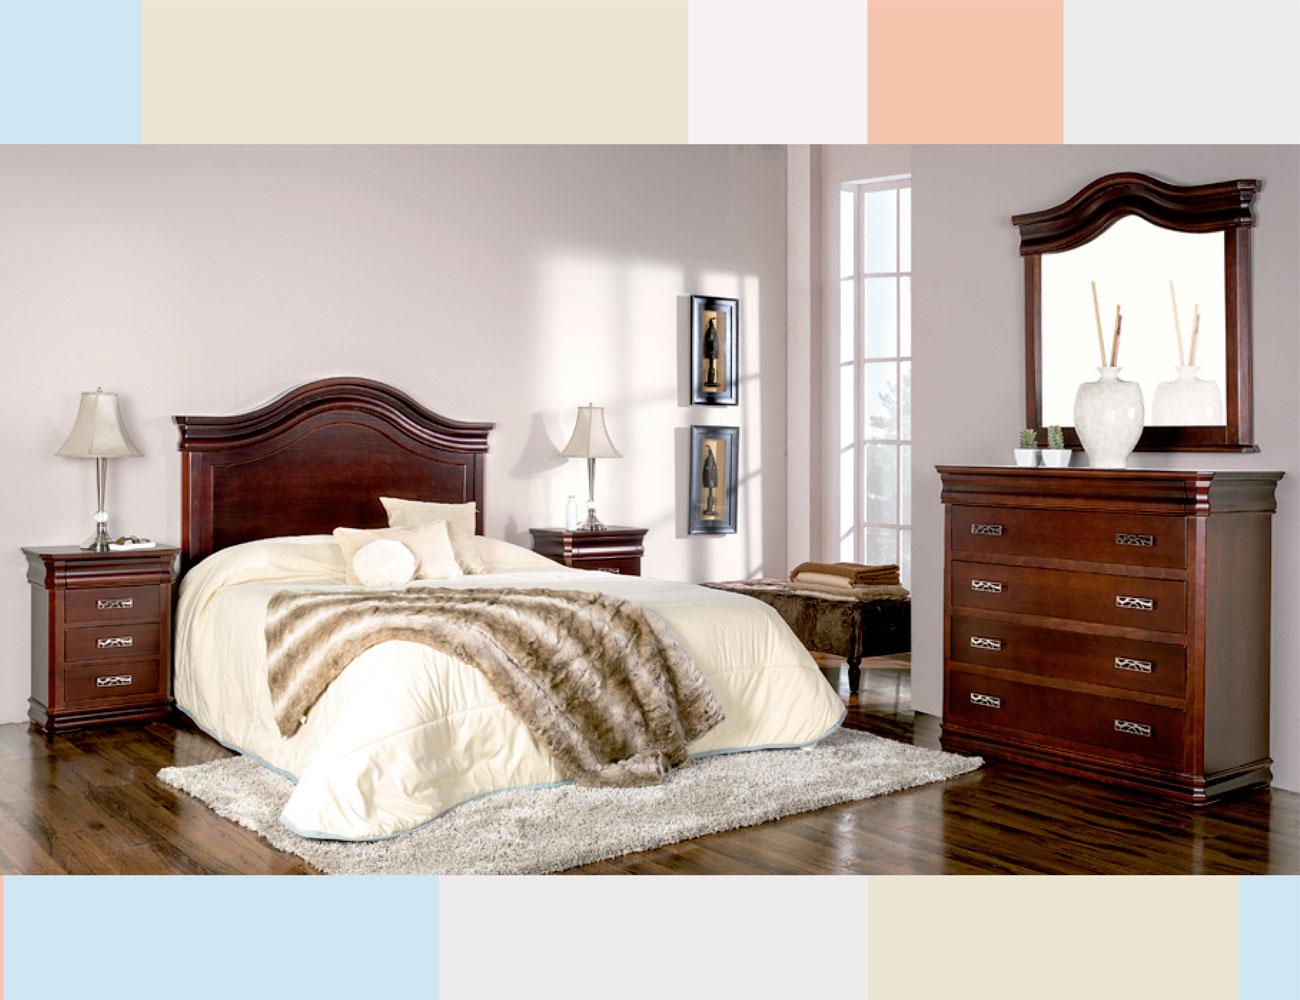 Dormitorio matrimonio cabecero imperio curvo5